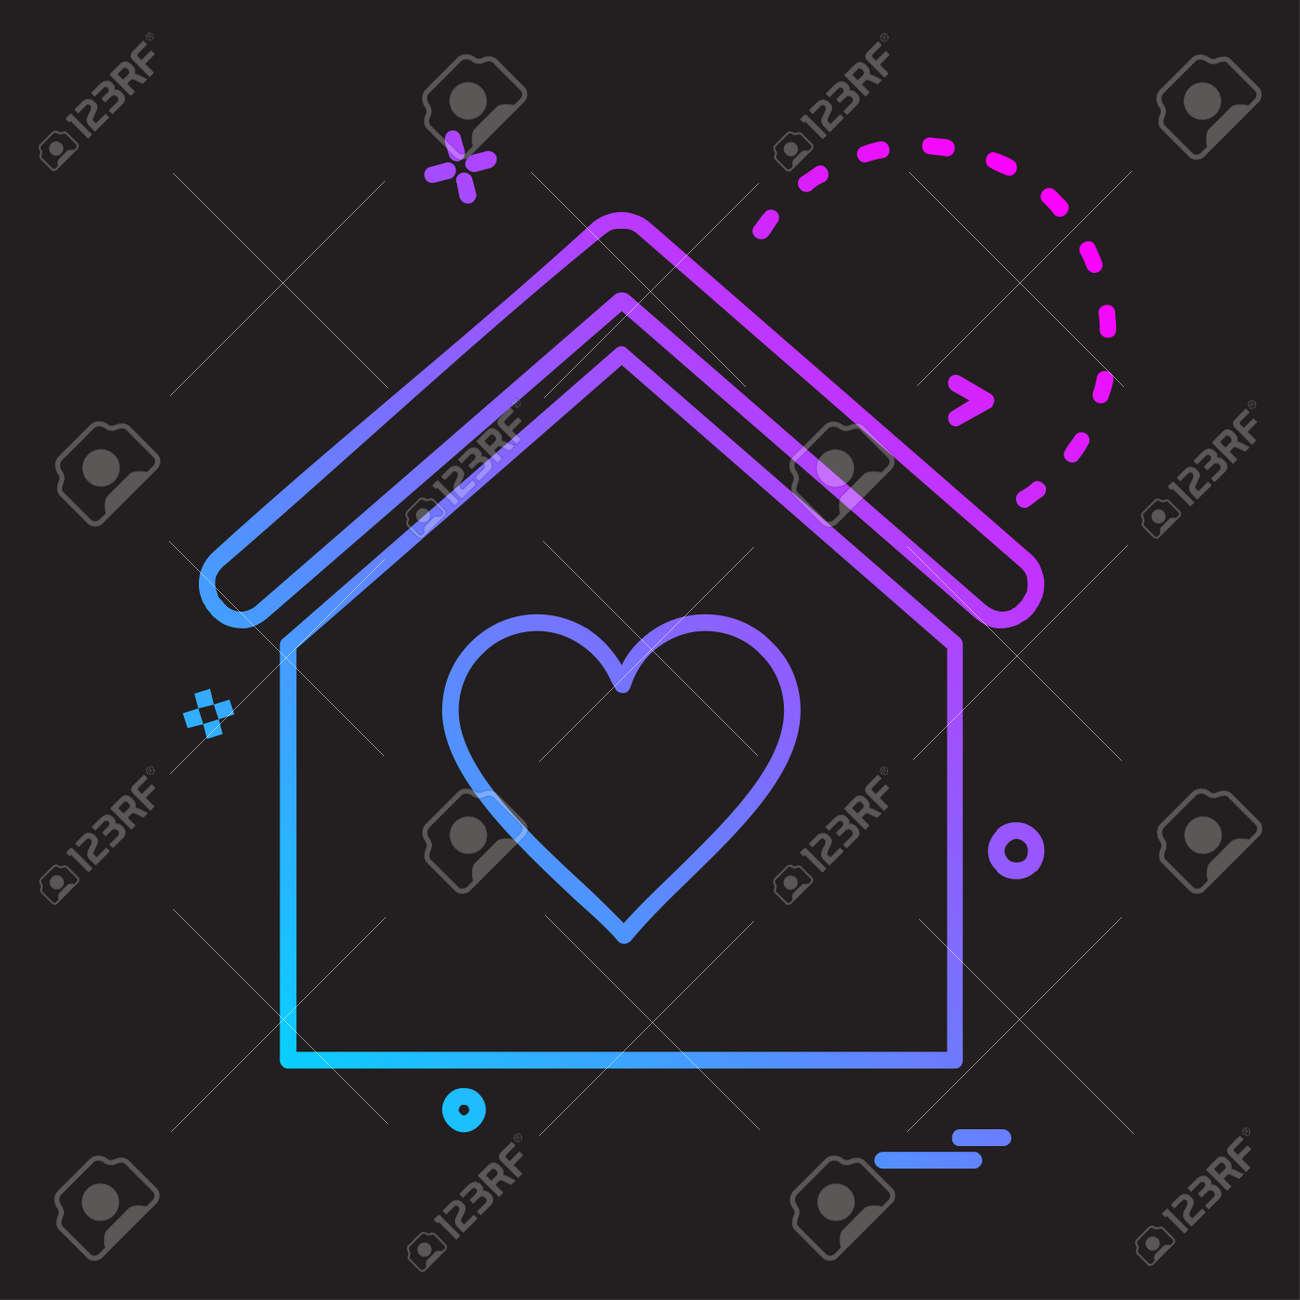 Real Estate icon design vector - 122160326